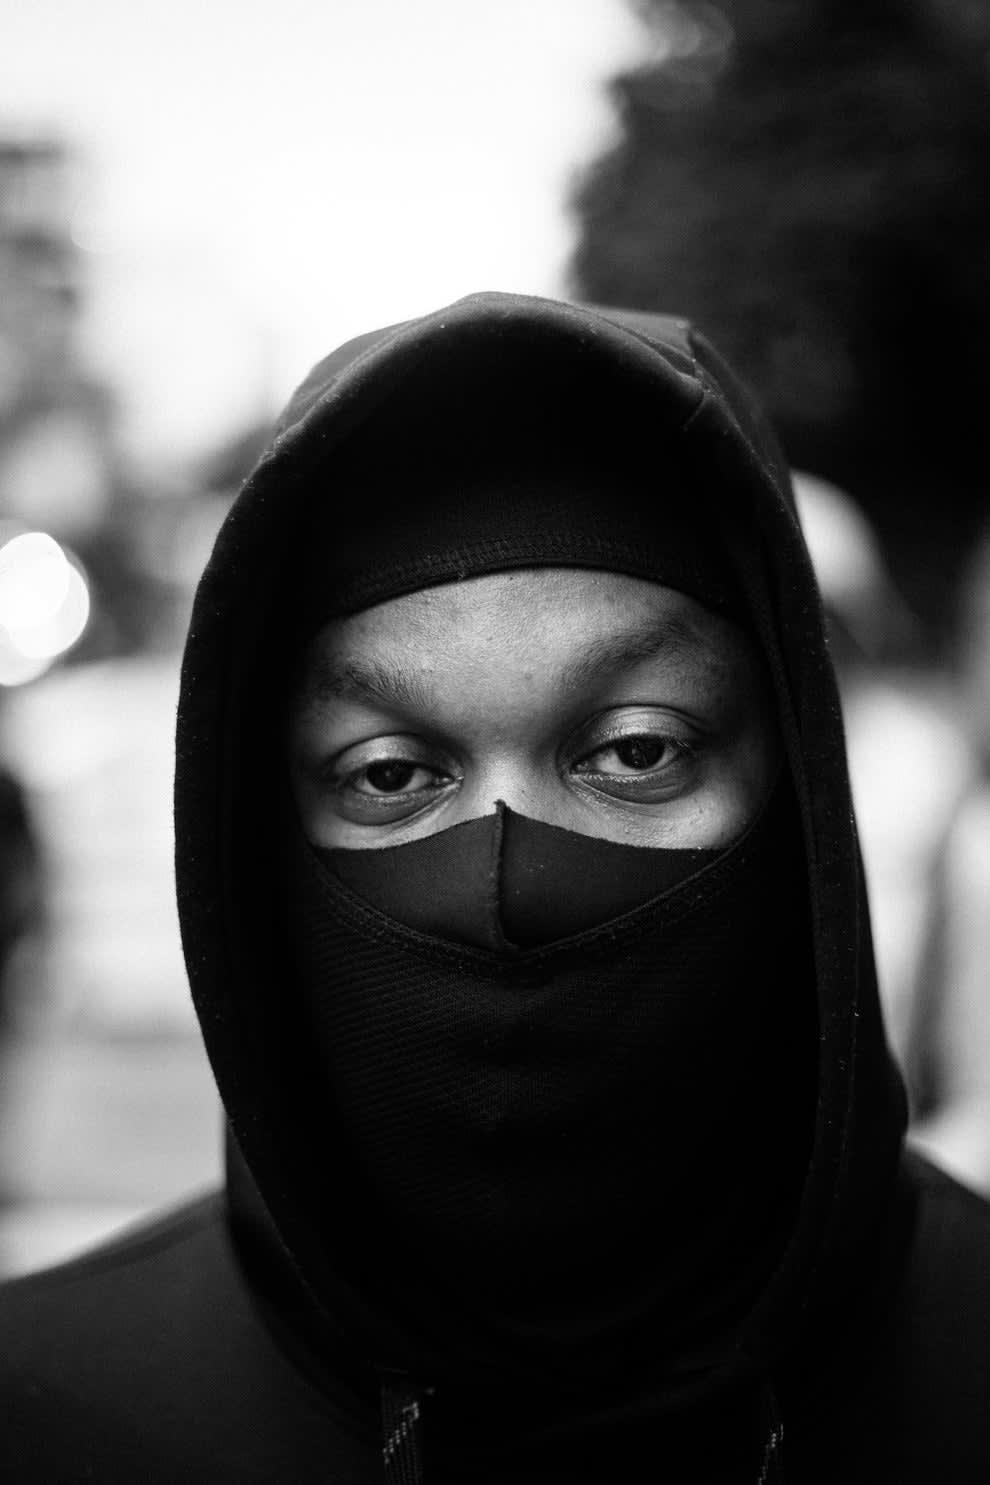 Homem negro usando máscara e capuz preto, olhando para a câmera.